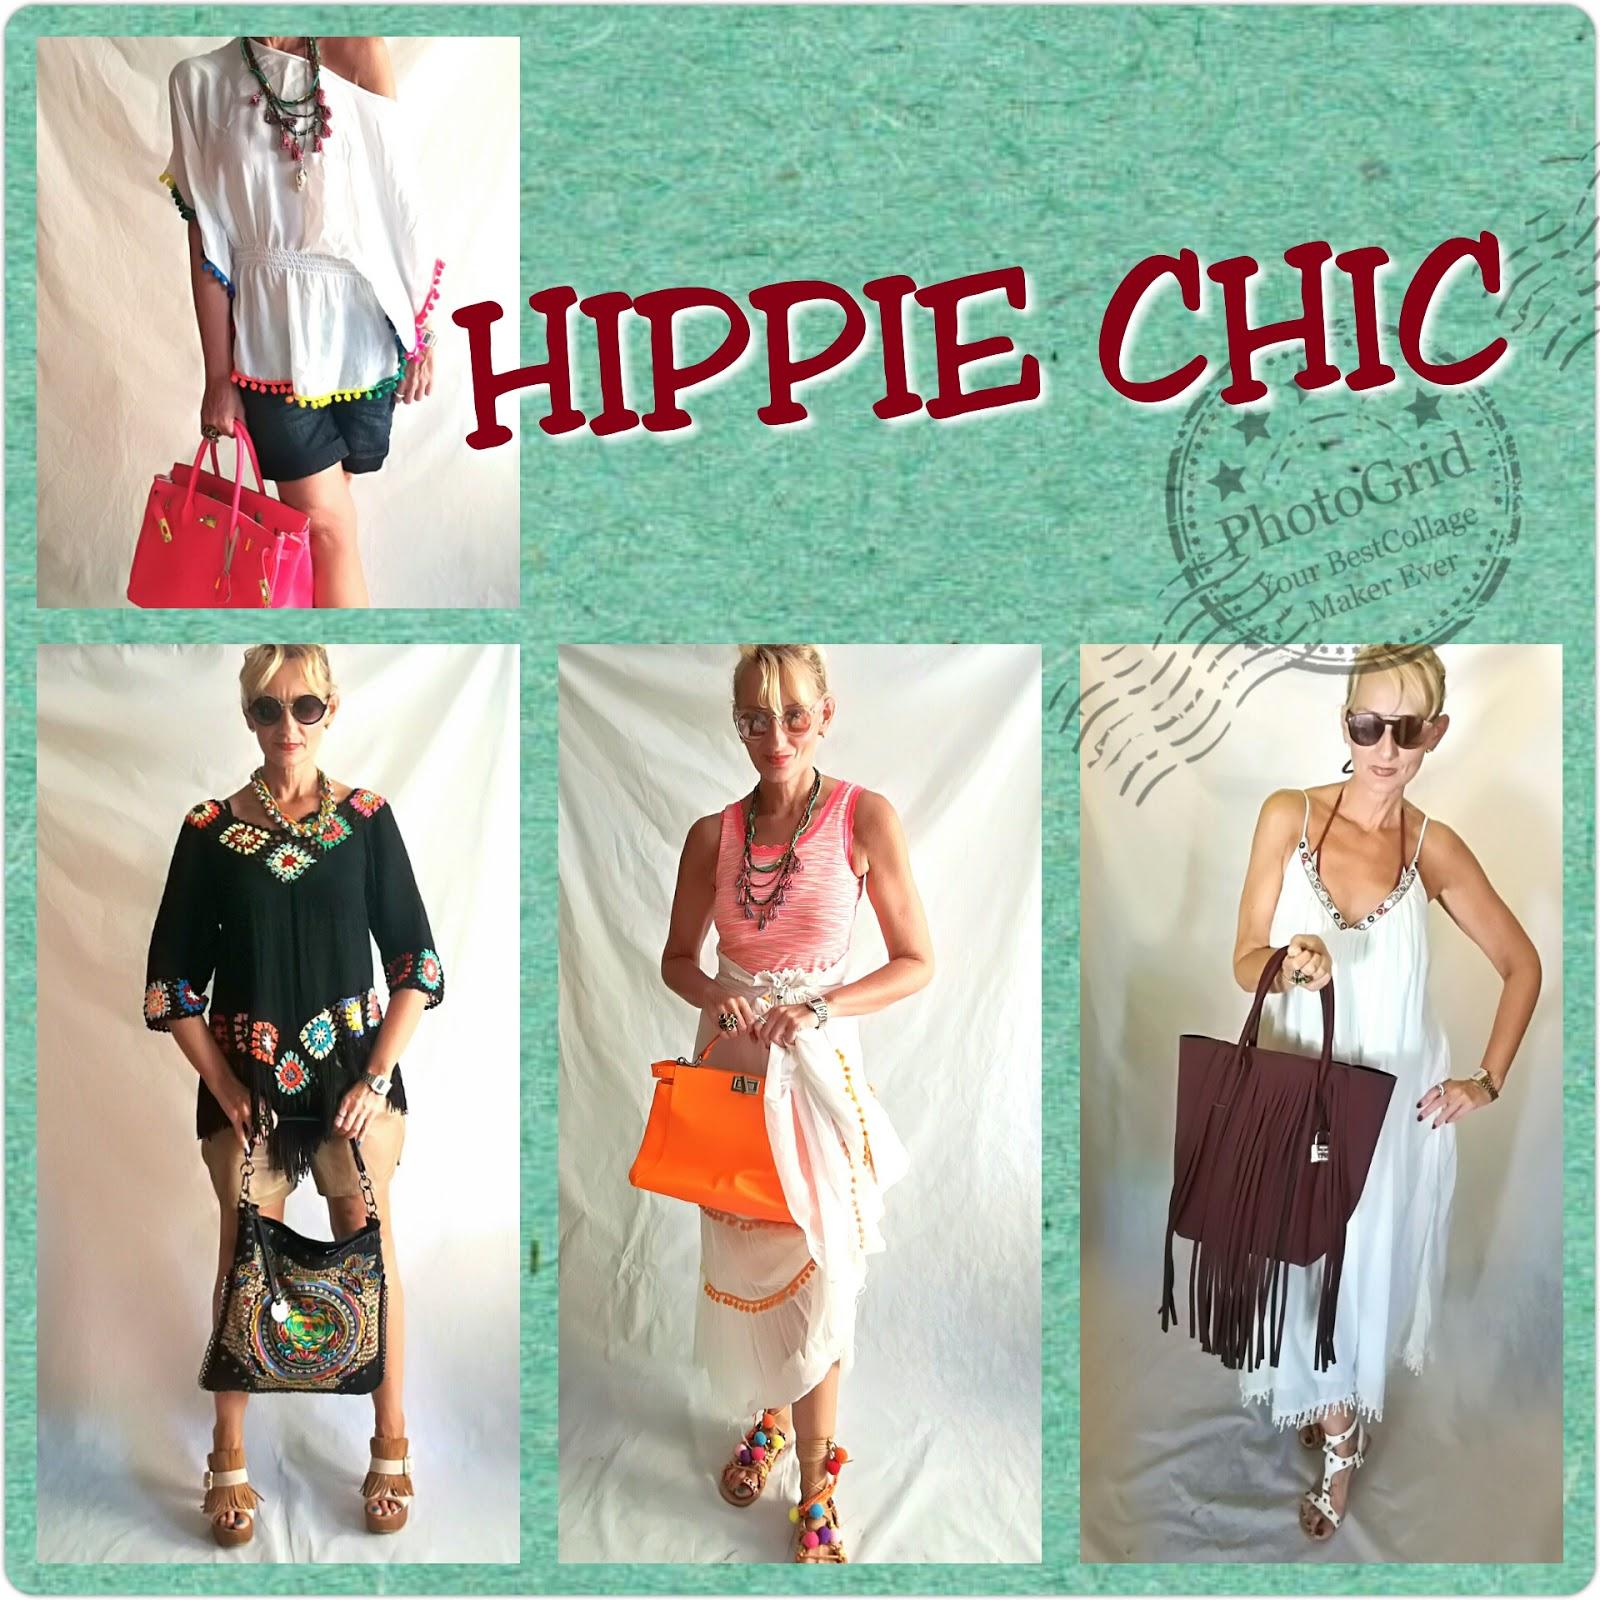 Stile hippie chic hippie chic style fashionkama for Stile hippie chic